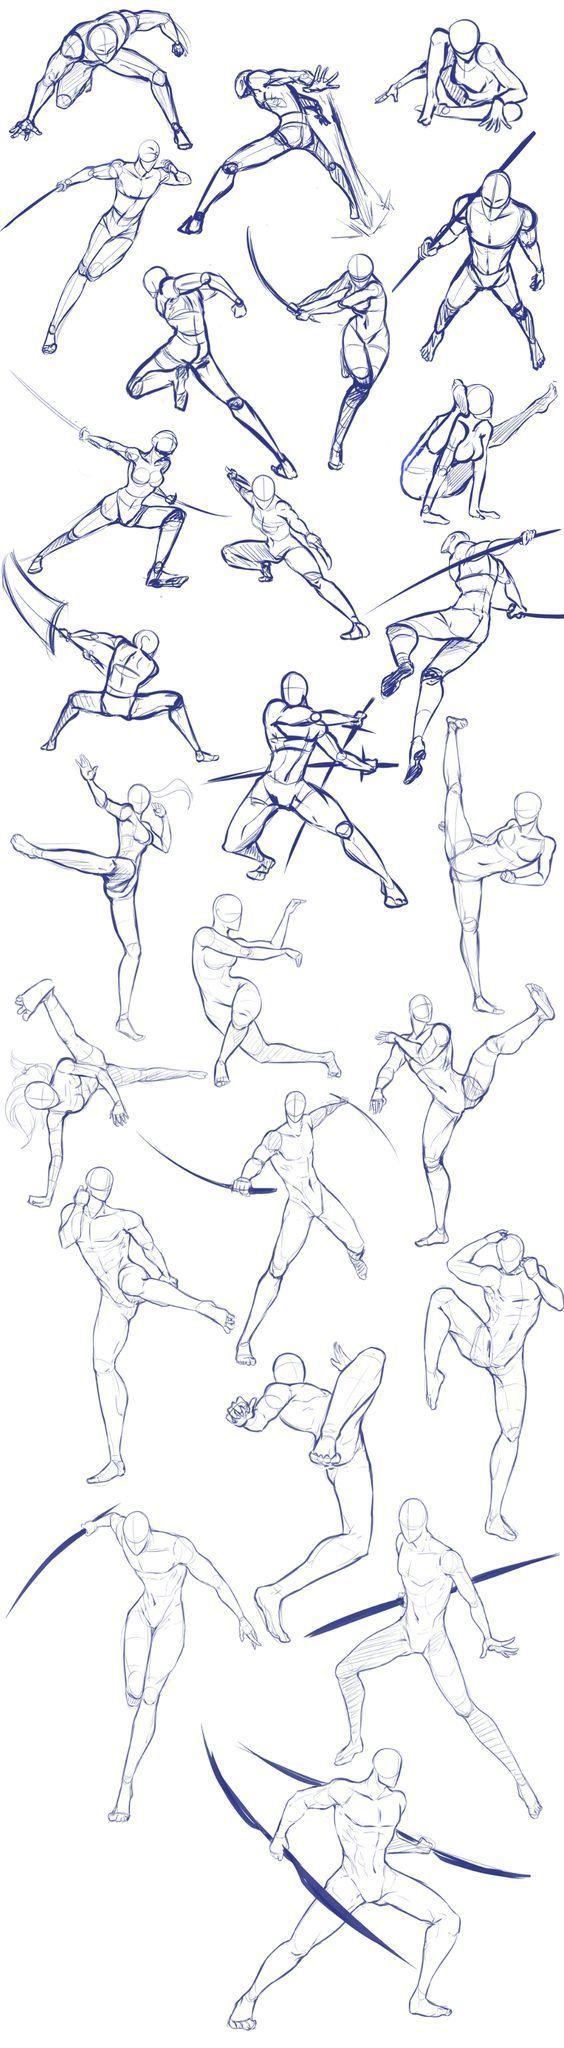 Esquisses et croquis pour apprendre a dessiner un personnage et buste d'homme en action